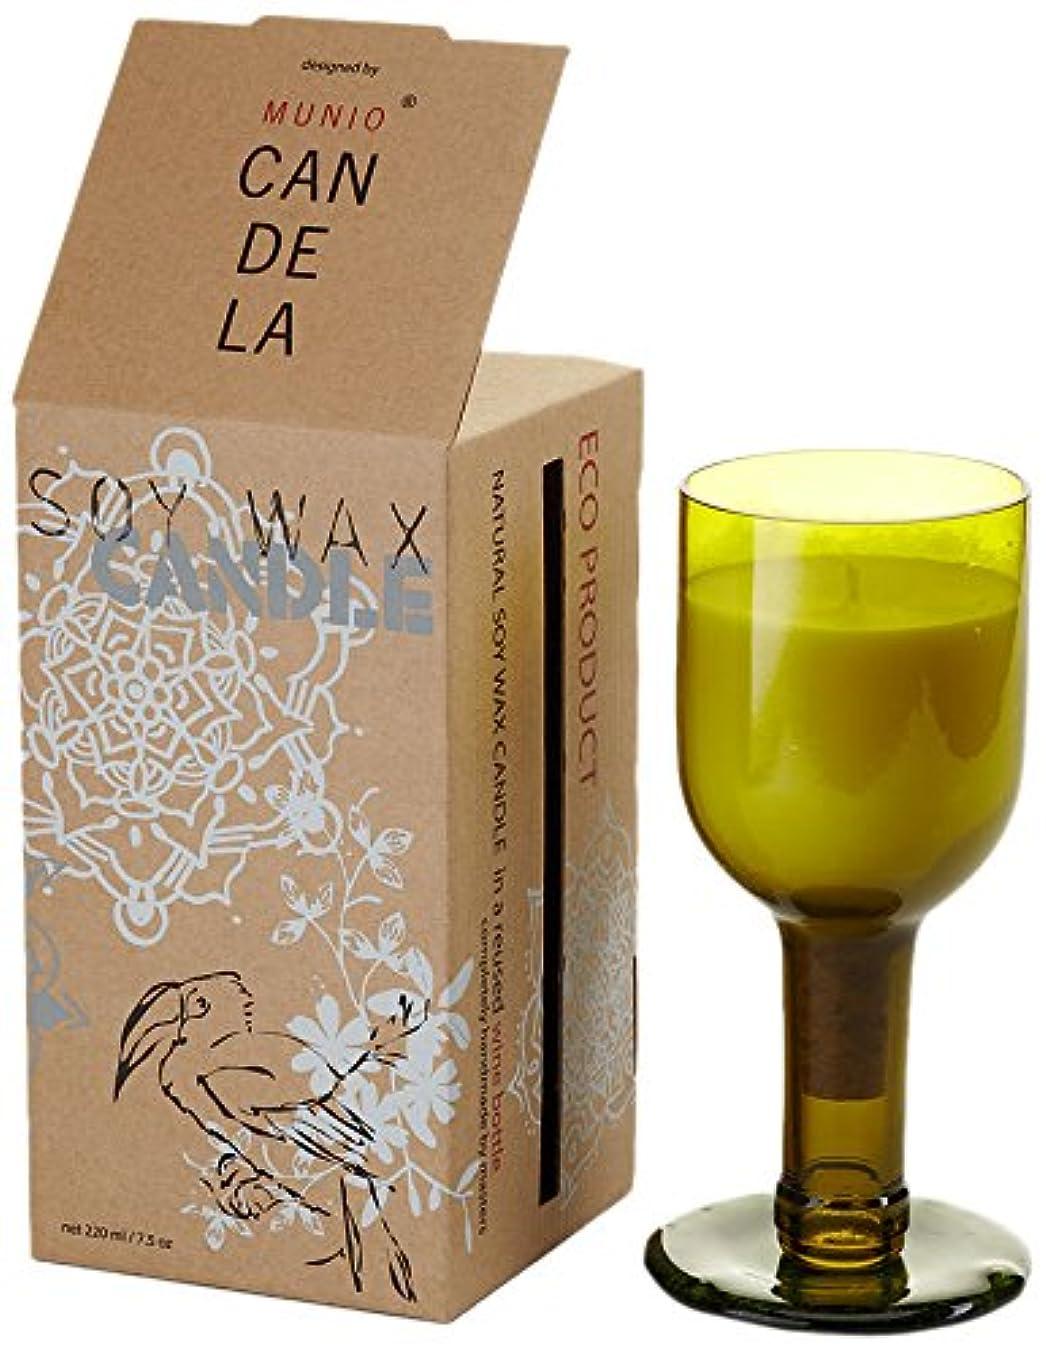 感嘆符きれいに胚芽ソイワックス リユーズド ネック ワインボトル キャンドル サマーロマンス